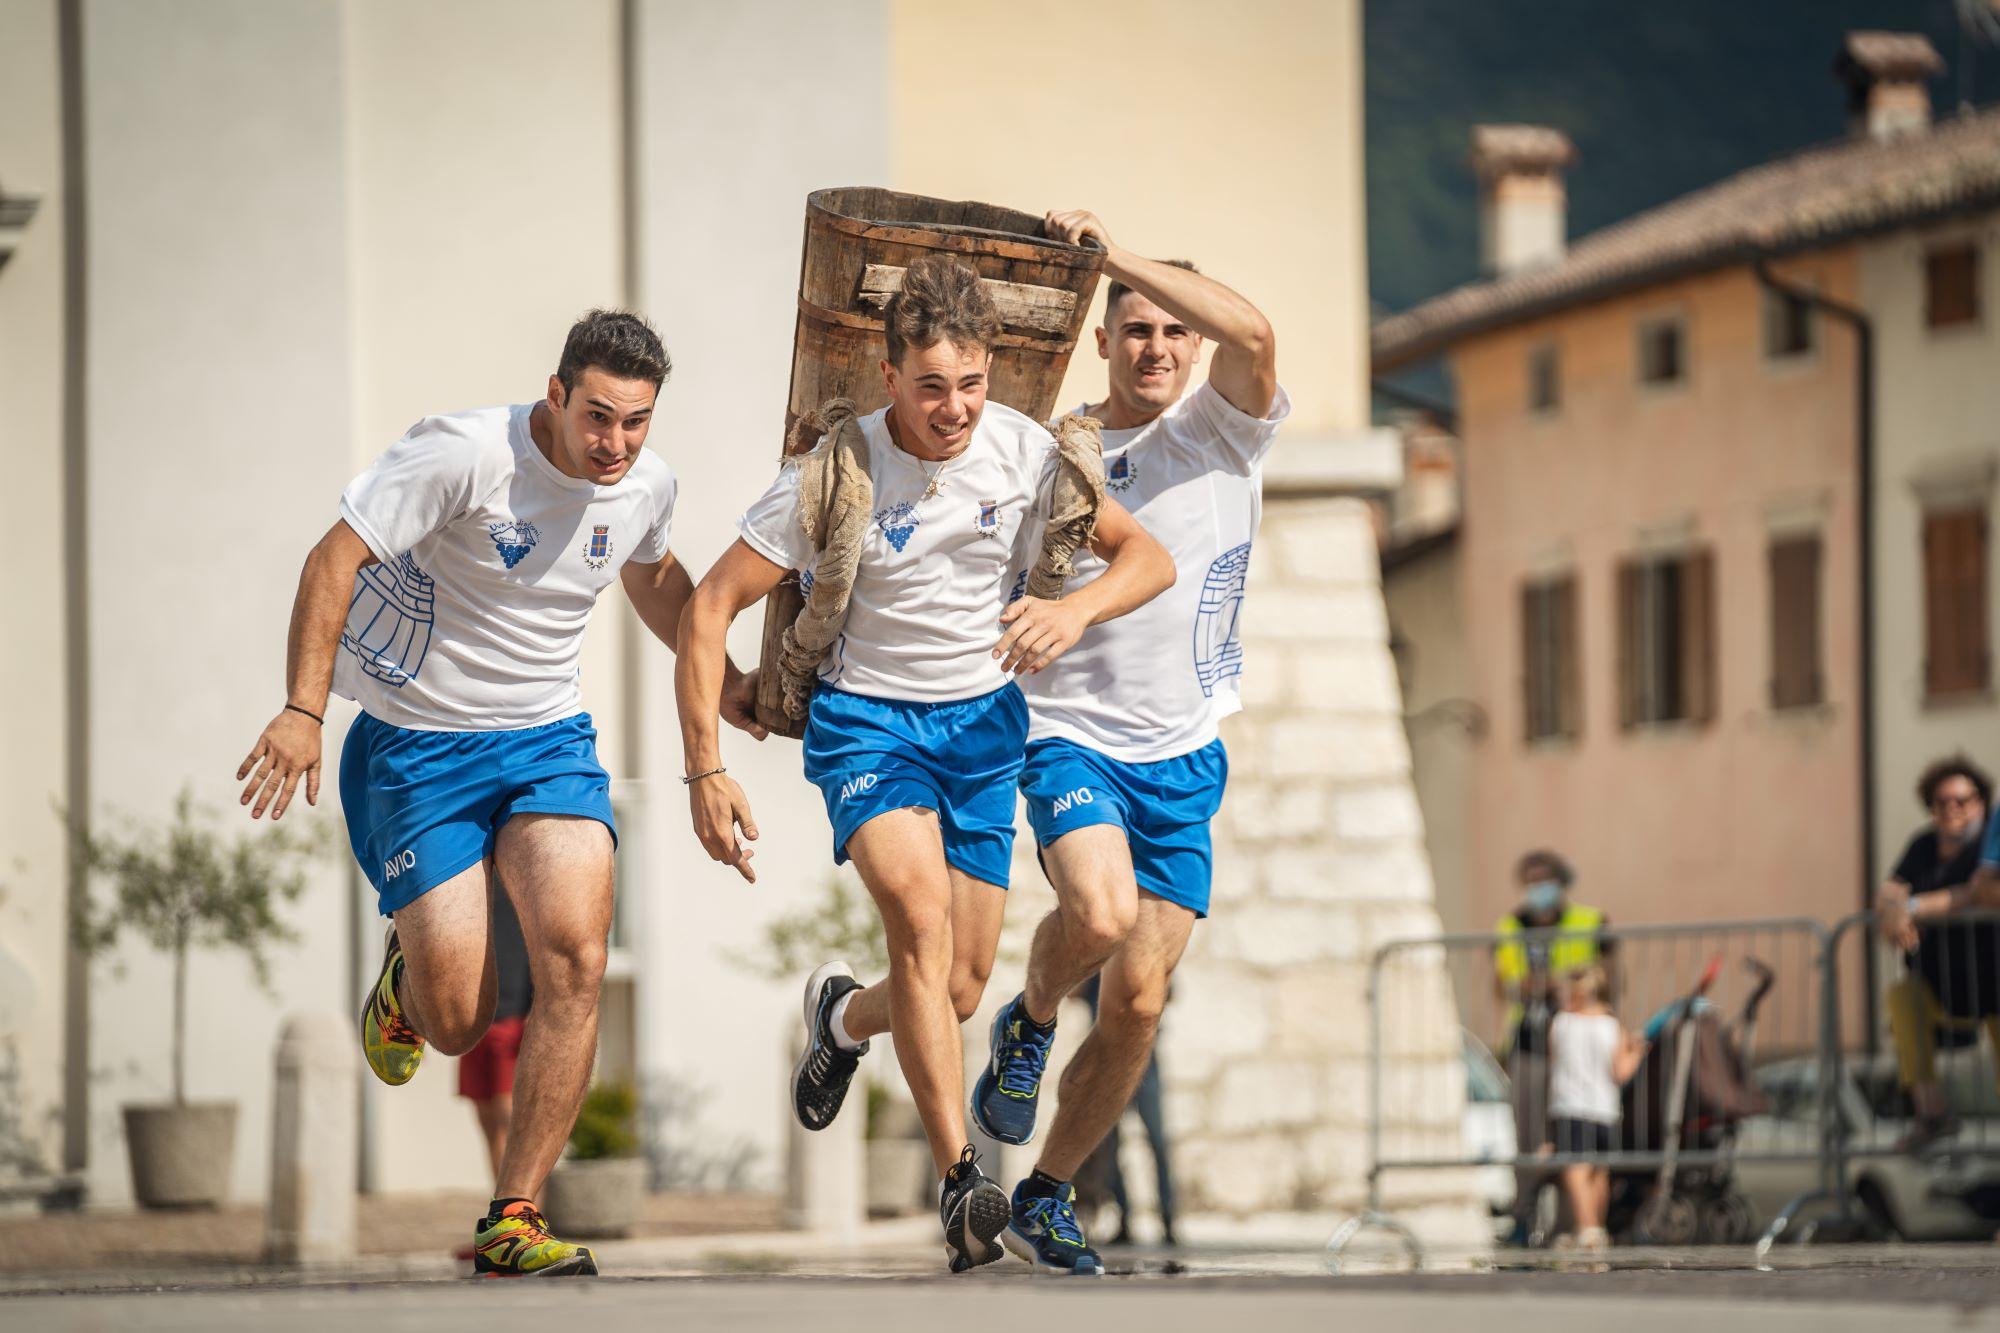 Trentino, Avio conquista la tappa cittadina del Palio delle Botti delle Città del Vino